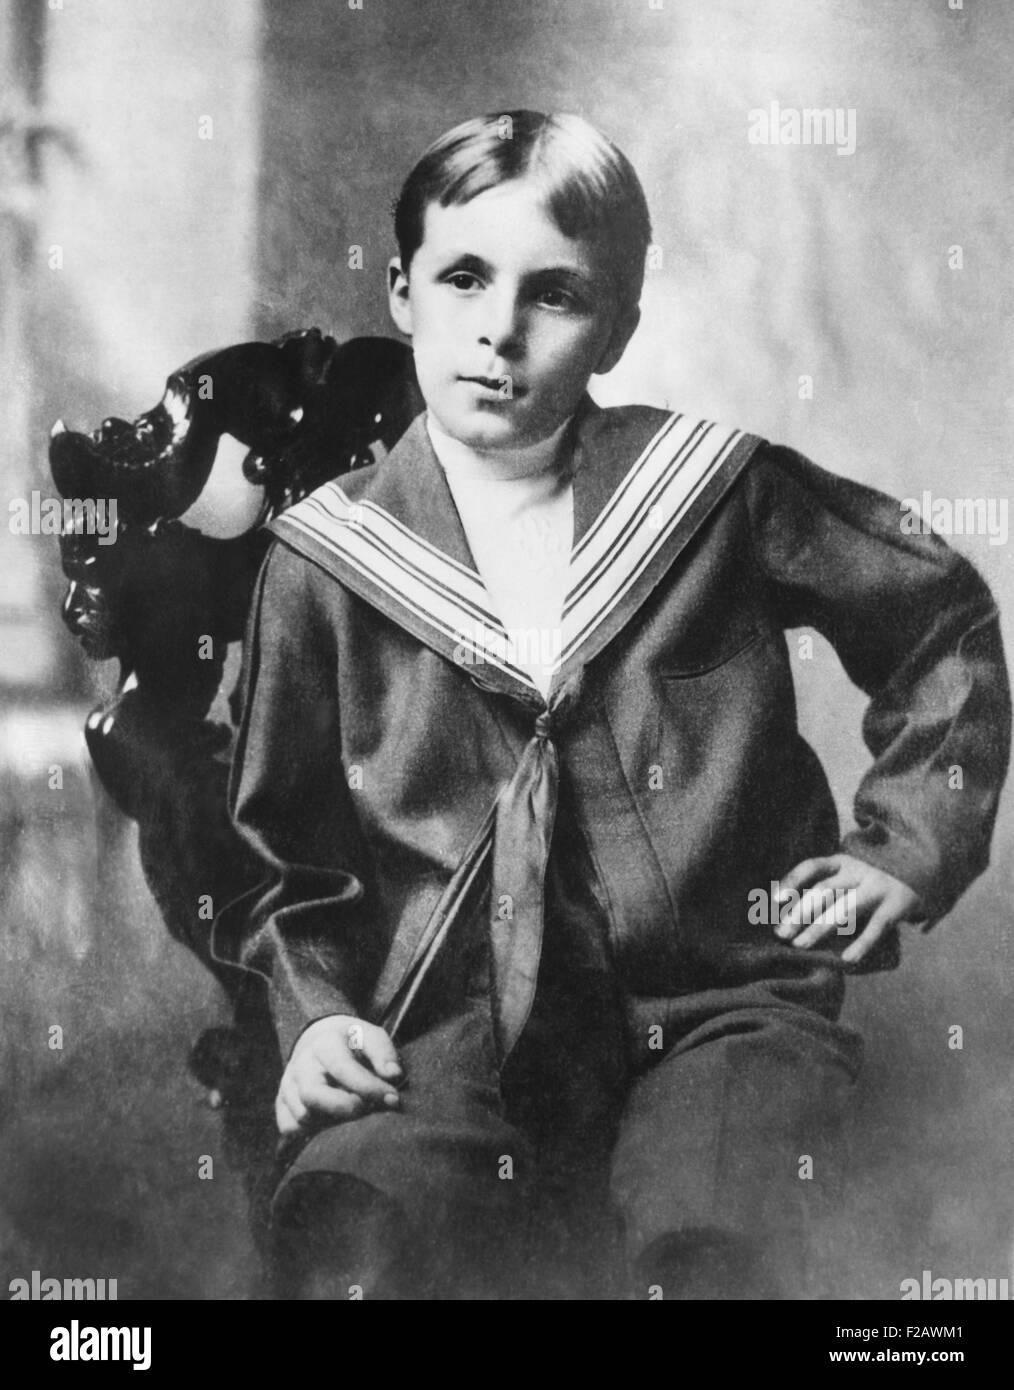 Bill Tilden, legendären Tennis-Champion als ein acht Jahre alter Junge in einem Middy Hemd. Tilden entstammte Stockbild